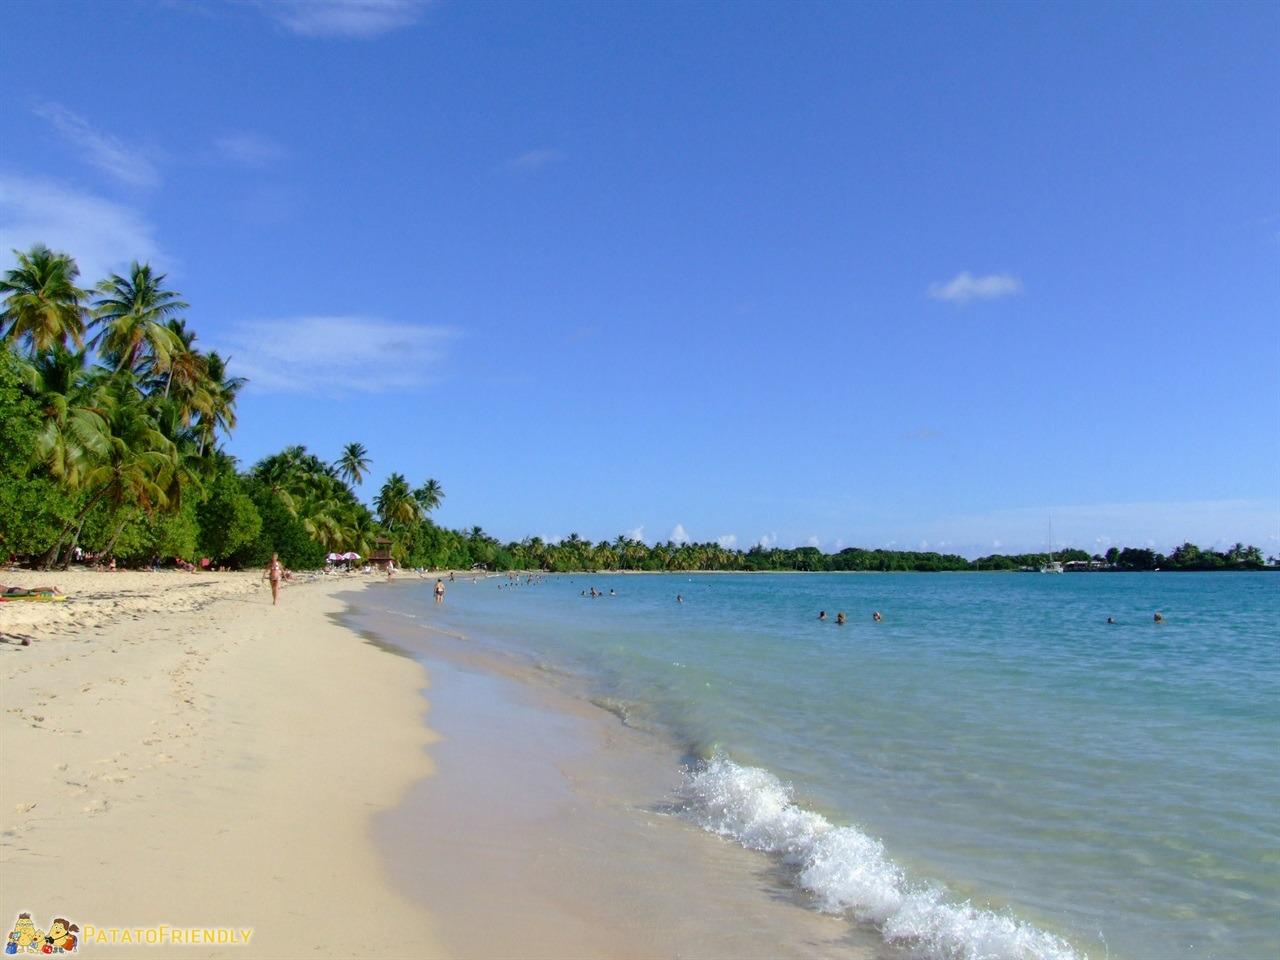 Le spiagge della Martinica - Anse Trabaud